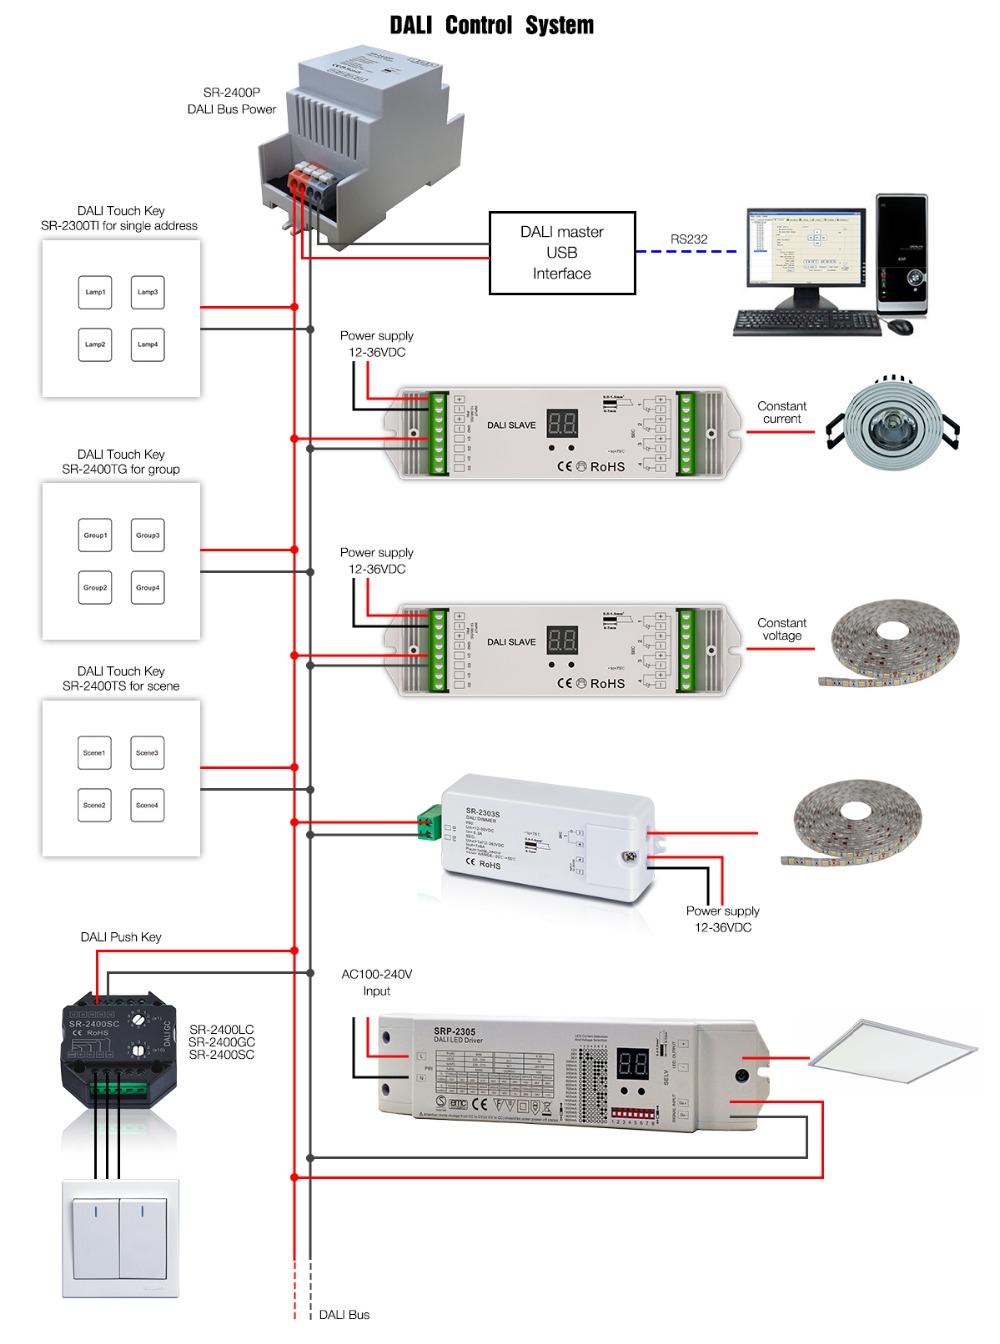 w dali constant voltage rgb led driver v v v ce rohs 50w dali constant voltage rgb led driver 12v 24v 36v ce rohs